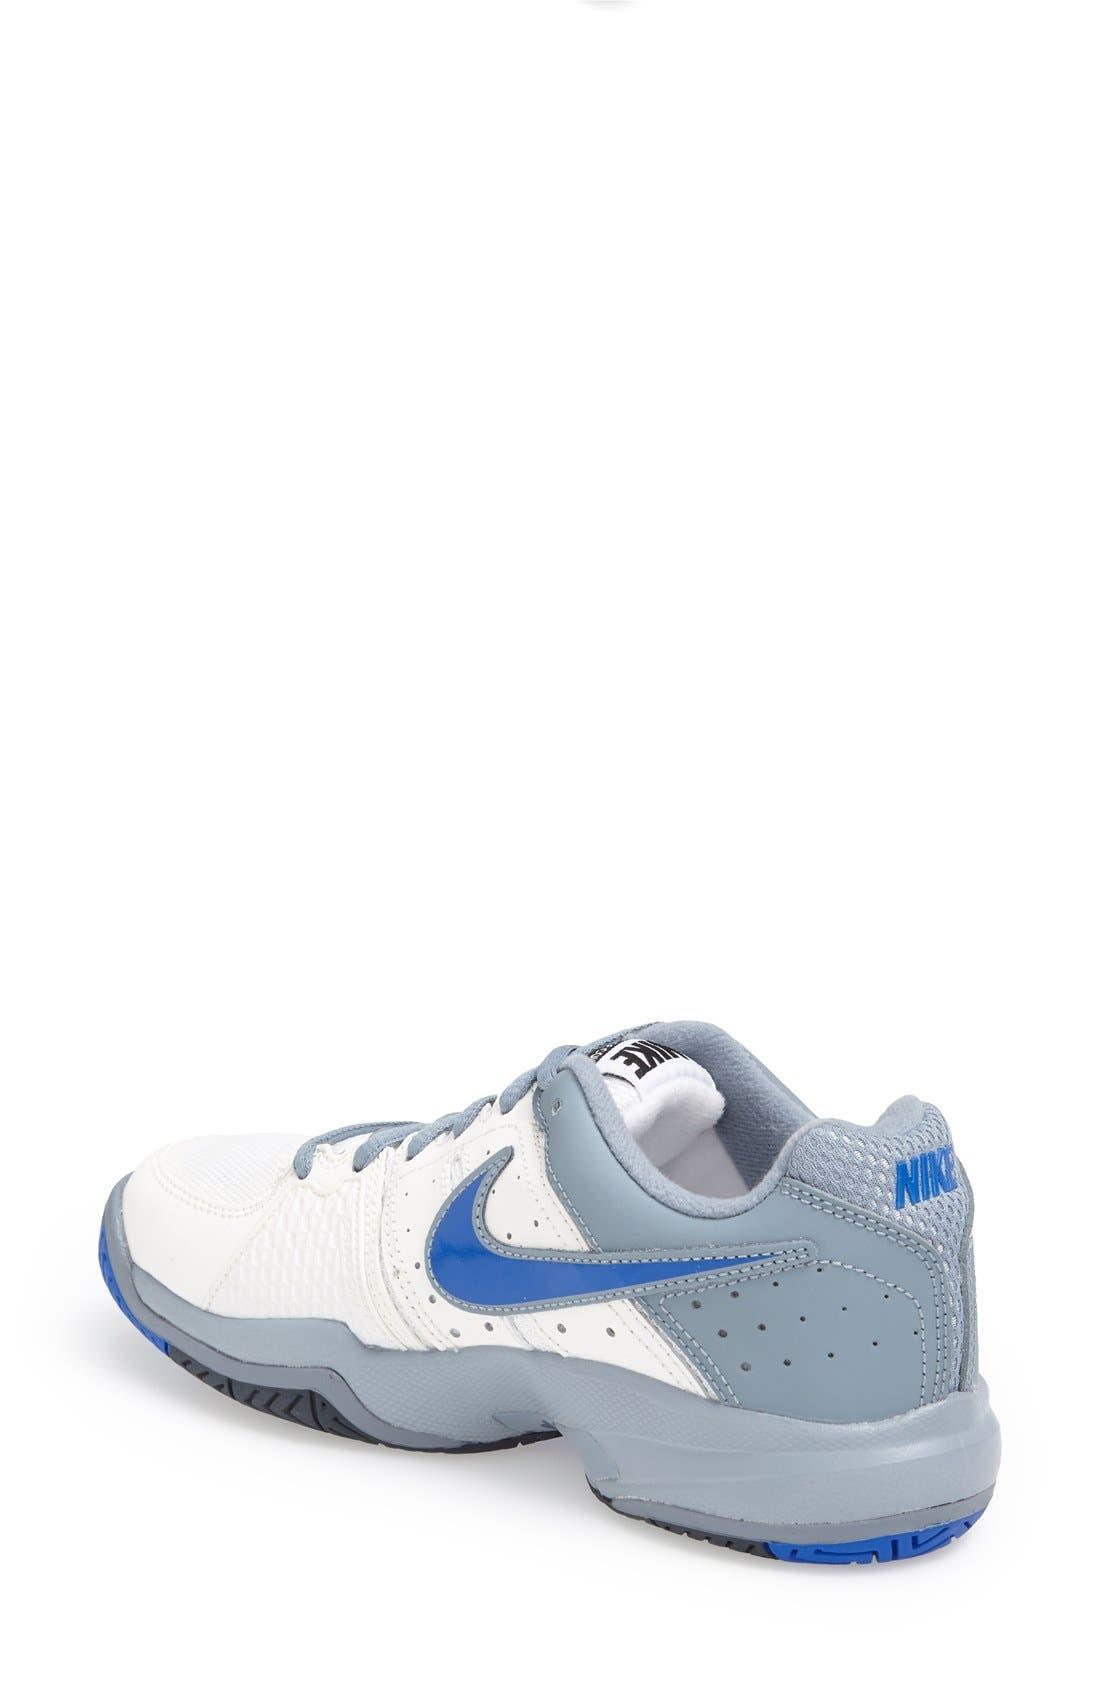 Alternate Image 2  - Nike 'Air Cage Court' Tennis Shoe (Women) (Regular Retail Price: $70.00)